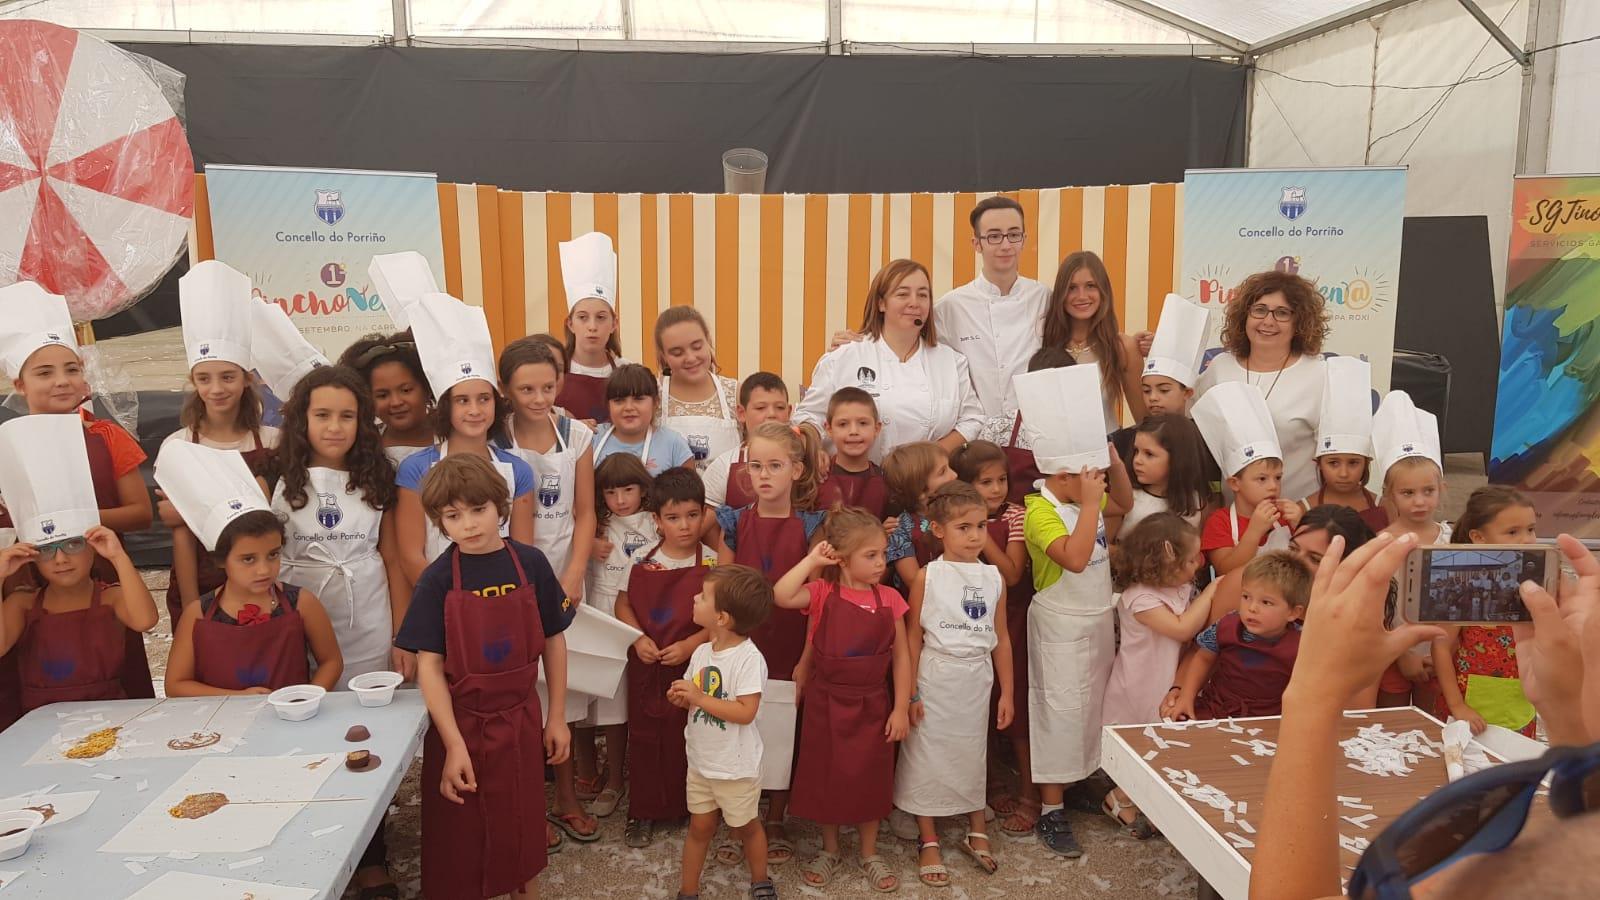 Pinchonen@ este sábado co 'Obradoiro de chocolates e galletas' da cociñeira e blogueira Inés Carcacía